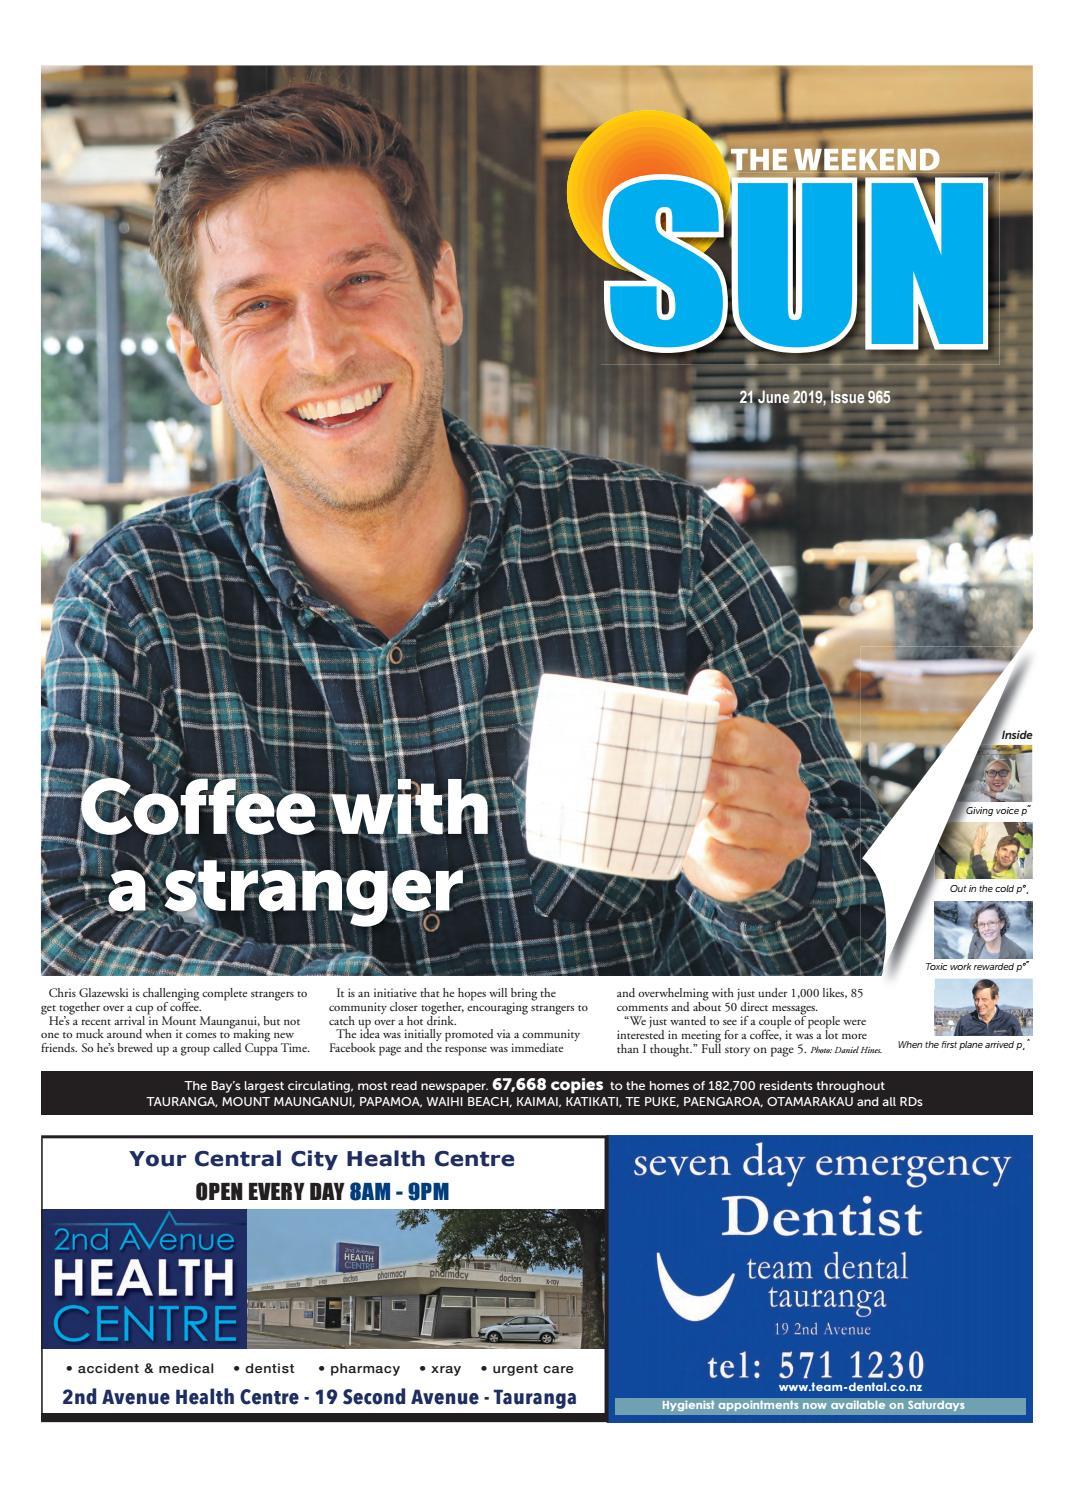 The Weekend Sun - 21 June 2019